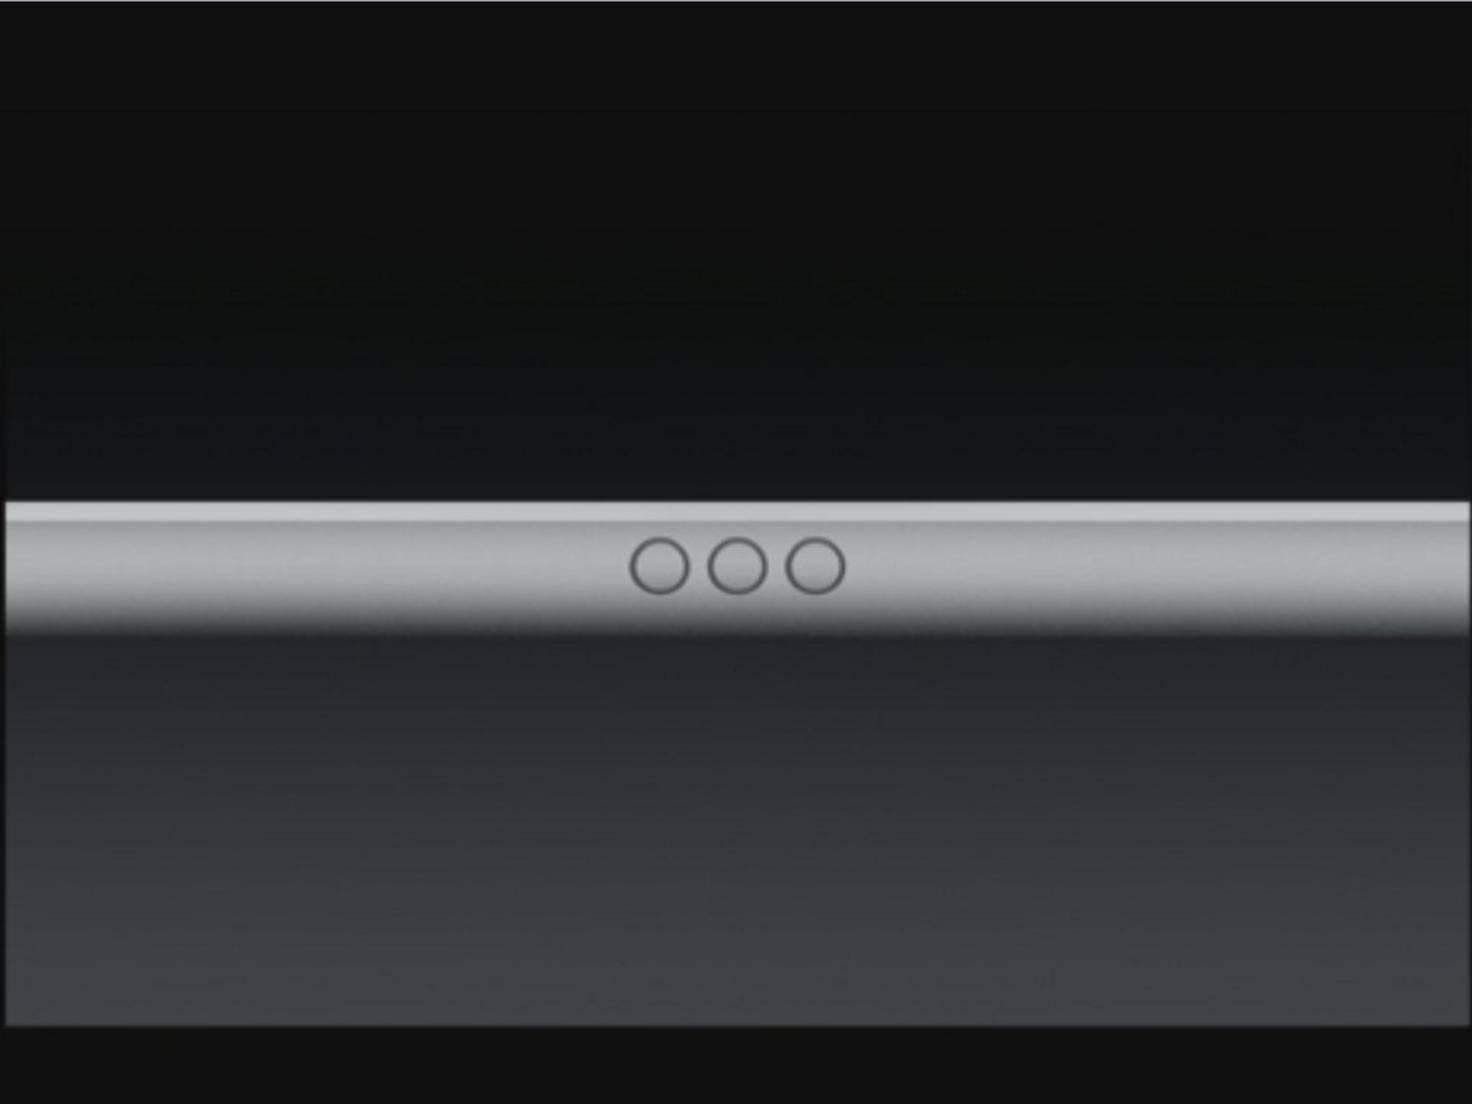 Mit dem Smart Connector lässt sich eine Tastatur an das iPad Pro anschließen.